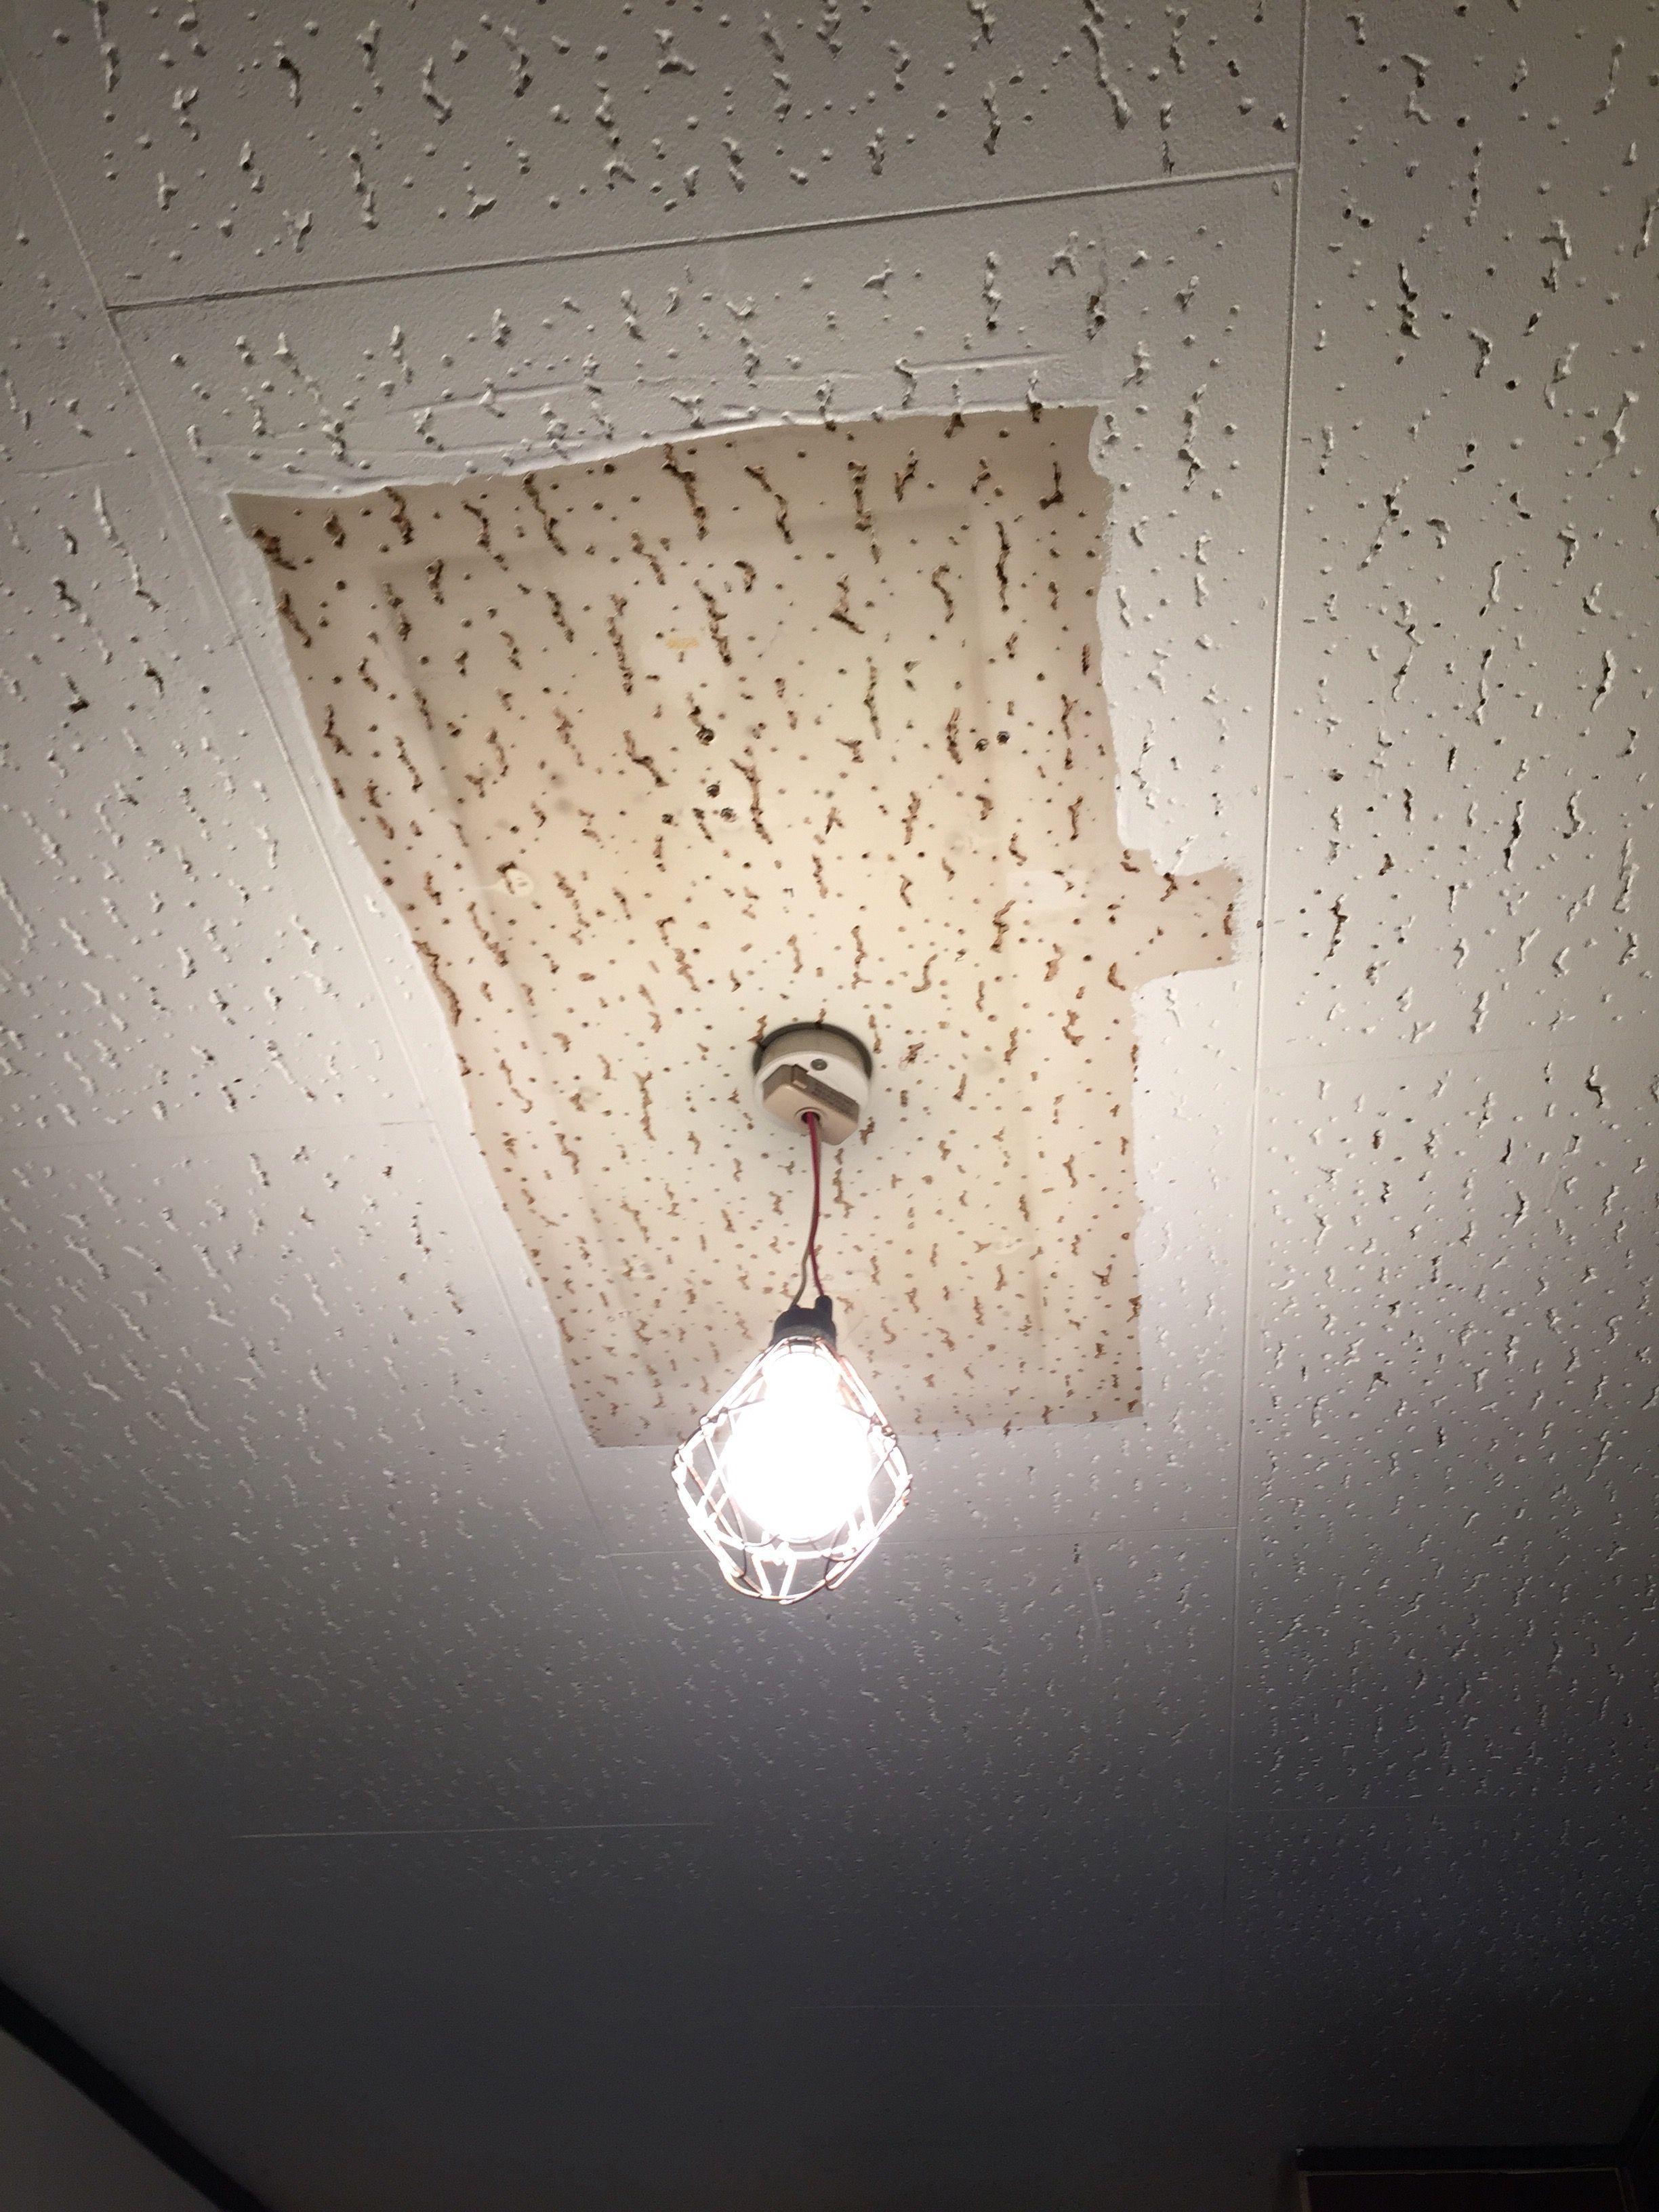 Diy ジプトーン天井を白ペンキで塗装してみた 方法と留意点まとめ